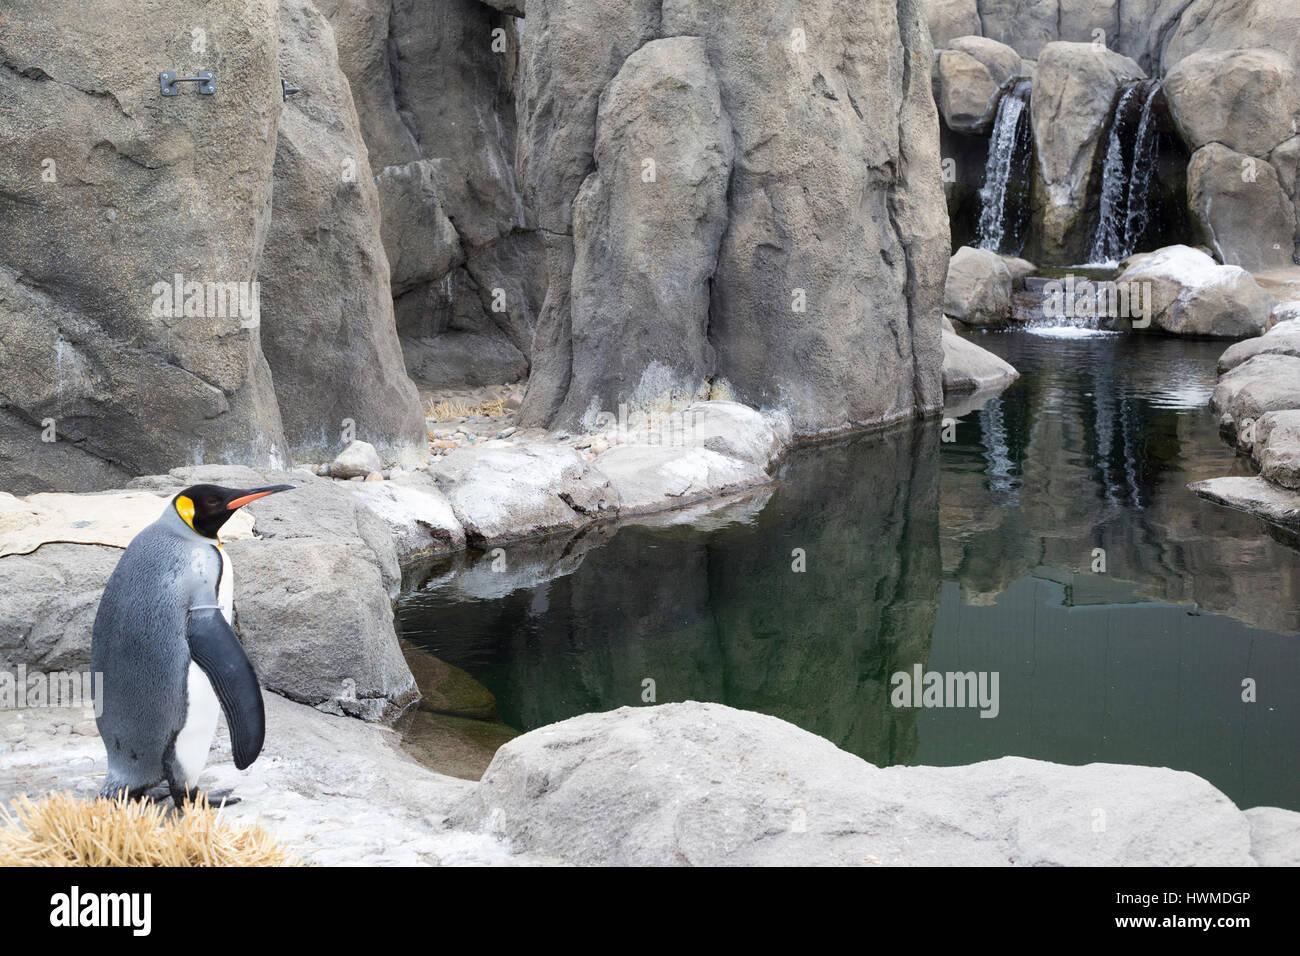 Pinguino reale (Aptenodytes patagonicus) nel contenitore esterno con piscina a Calgary zoo. Foto Stock